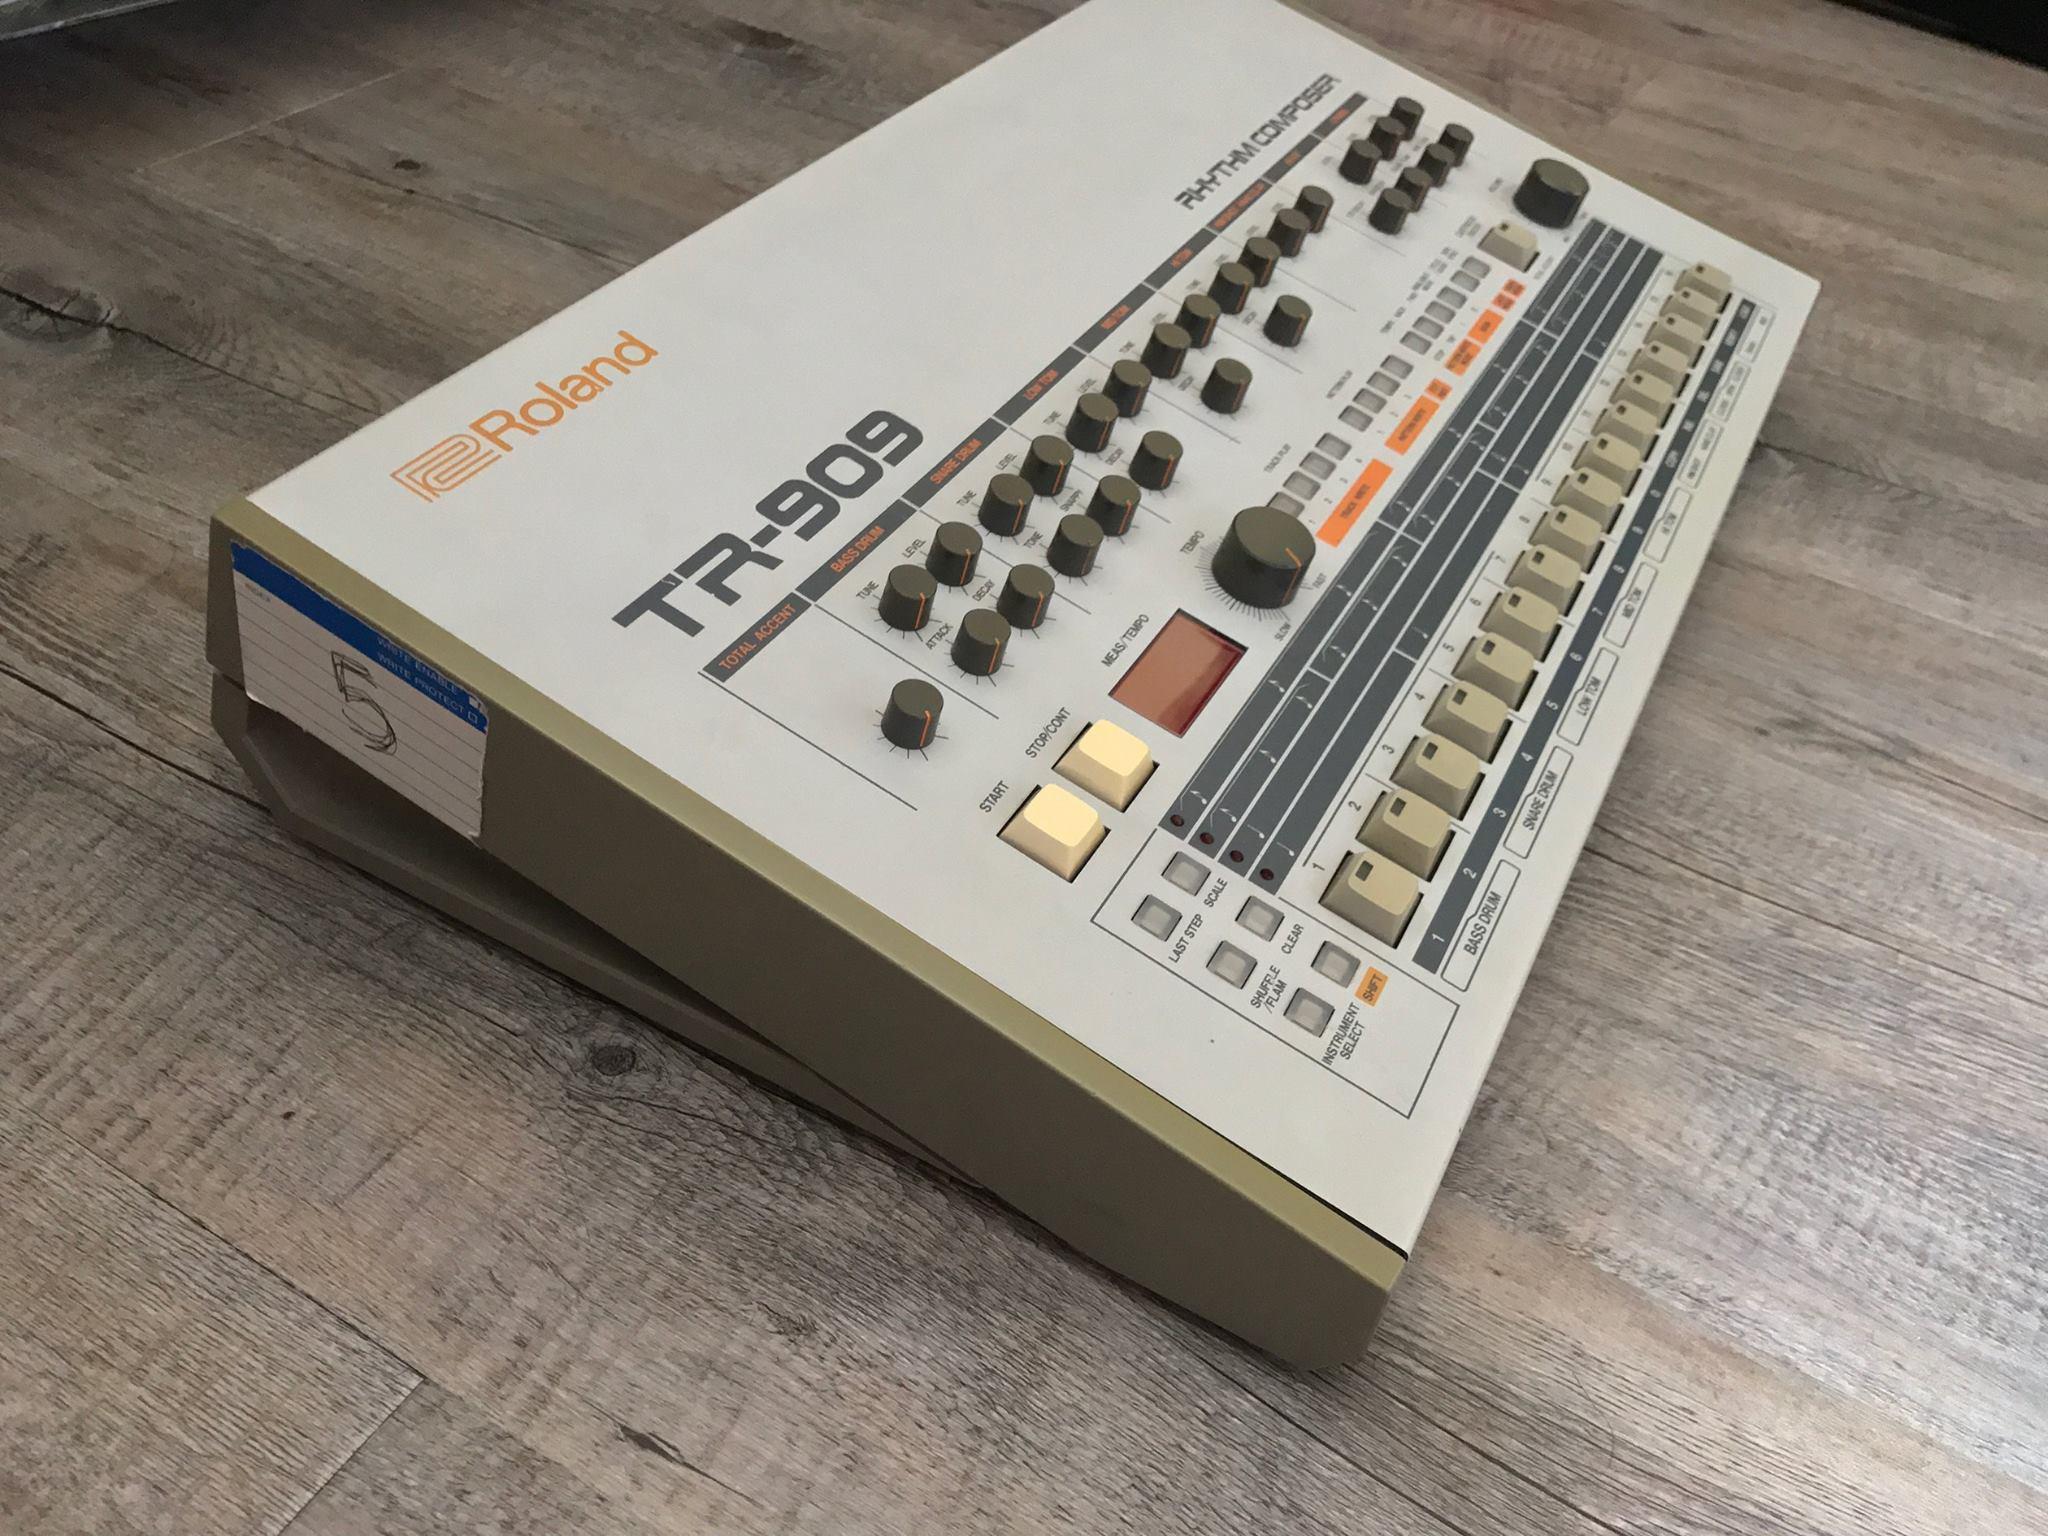 Thomas Bangalter's original TR-909 drum machine is up for sale